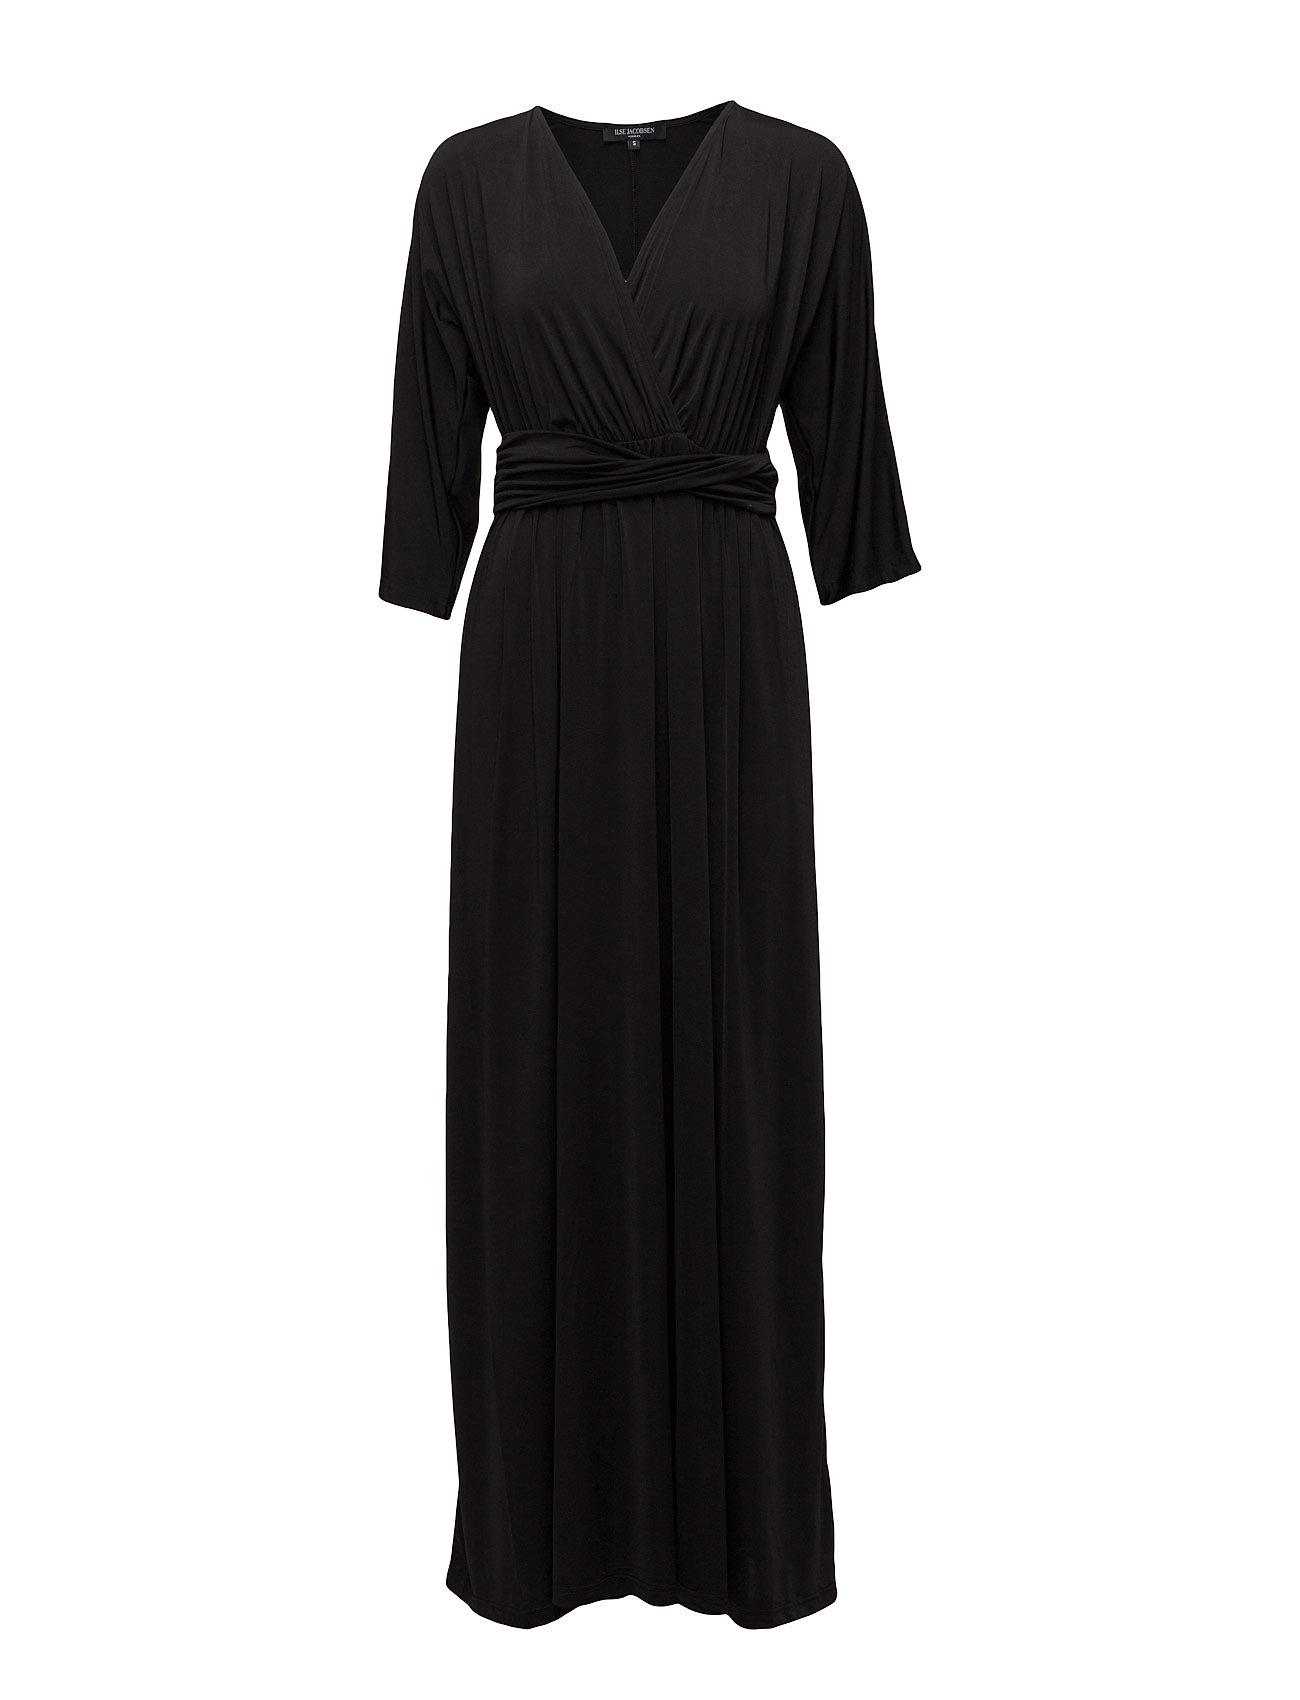 96fba79b86b6 Long Dress Ilse Jacobsen Maxi Kjoler til Damer i